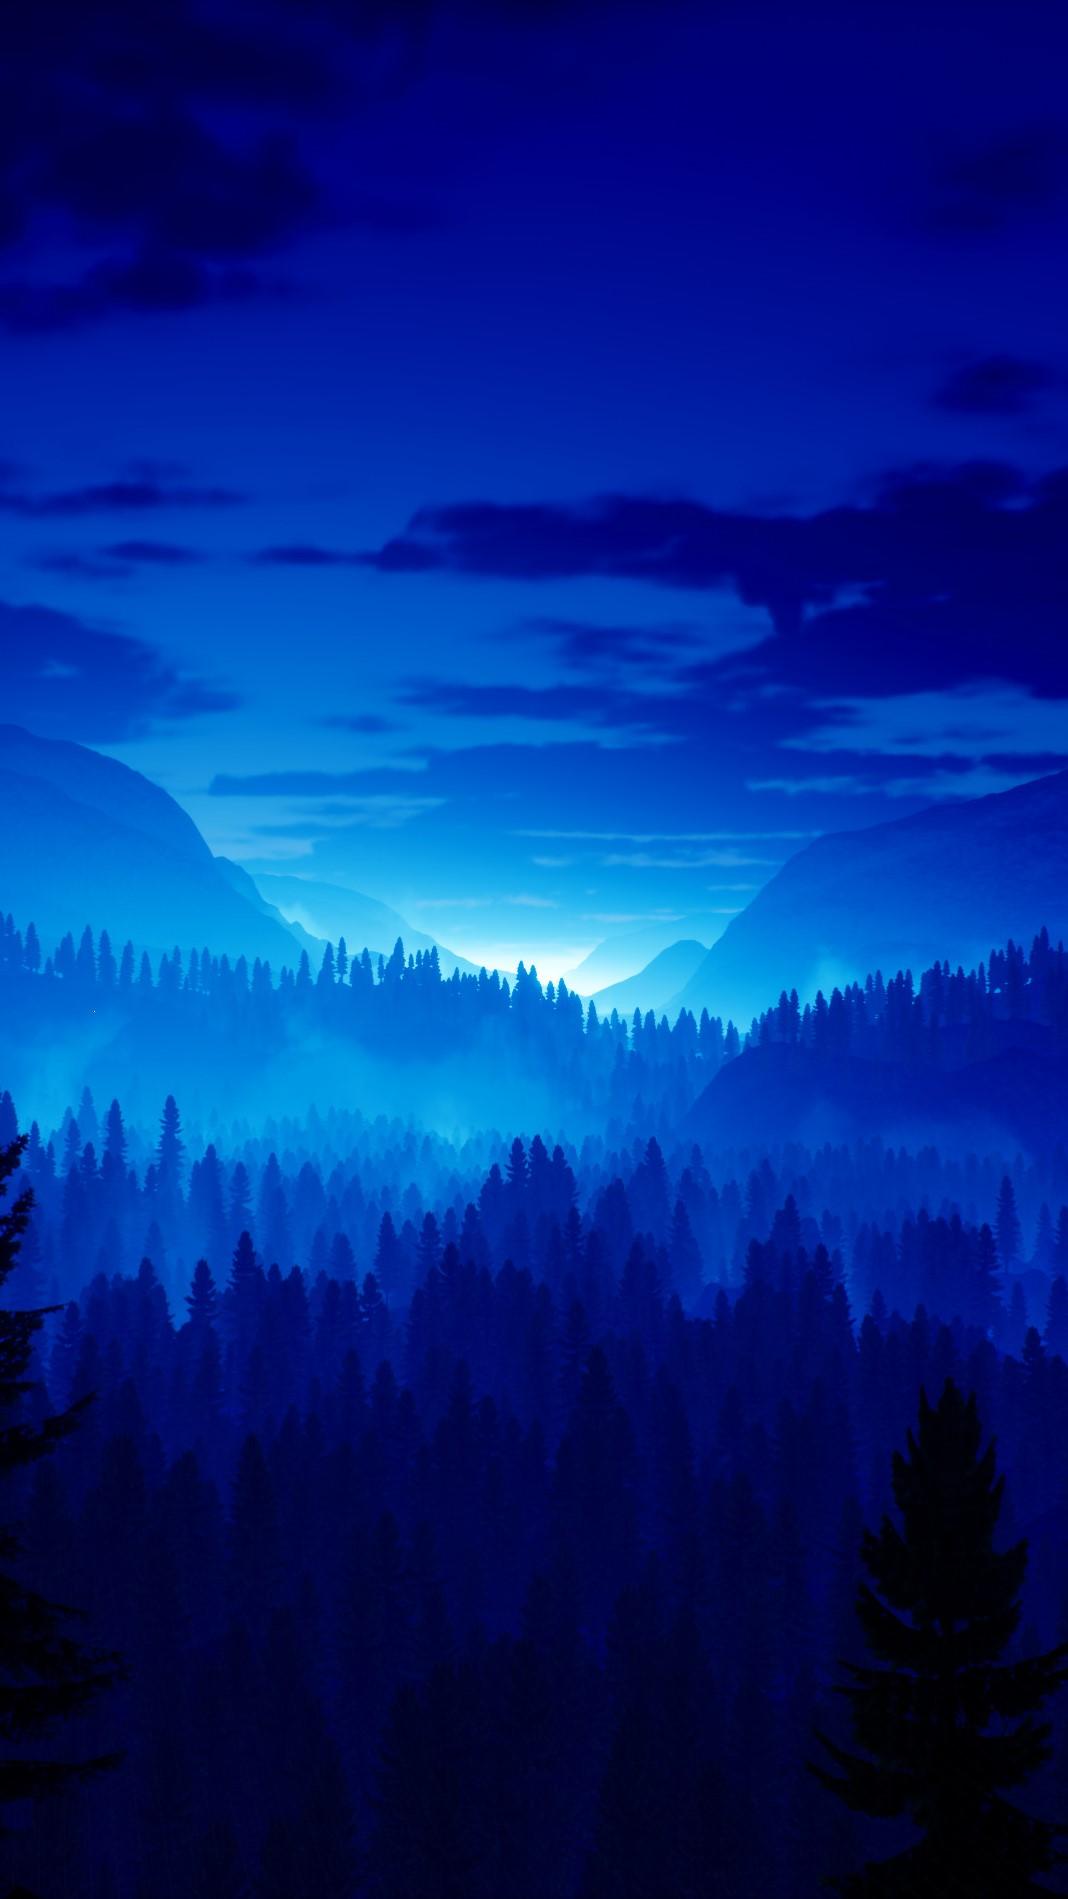 blue landscape nature phone wallpaper